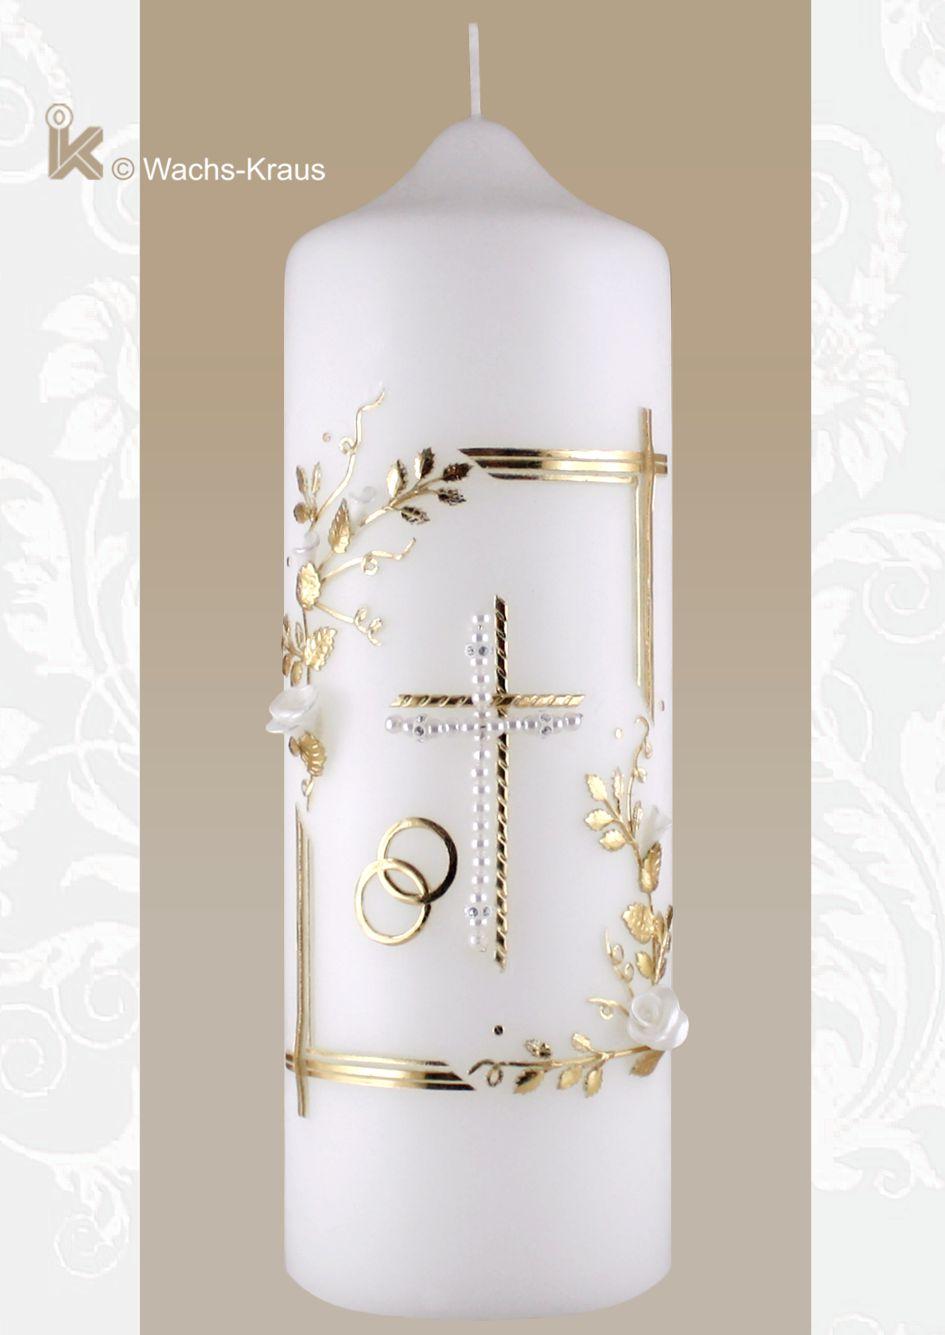 Bezaubernde Vintage-Hochzeitskerze mit Perlen-Kreuz und Blüten